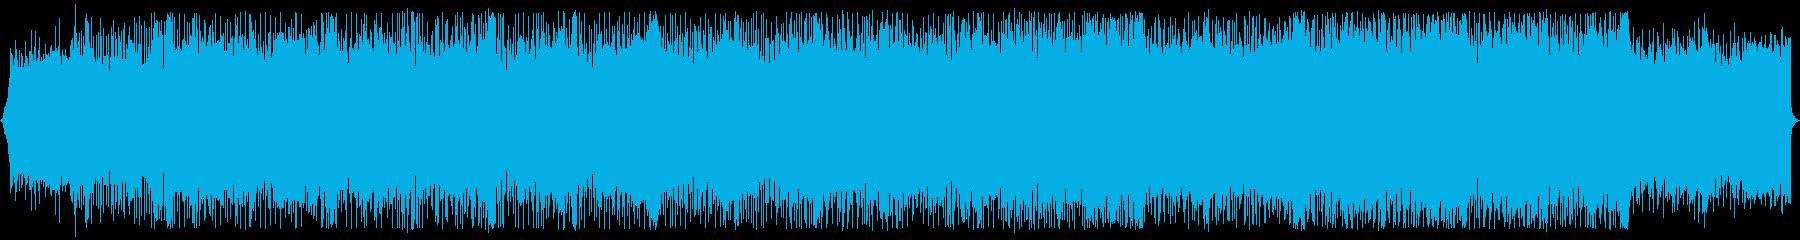 キャッチーで耳に残るシンセウェイヴの再生済みの波形